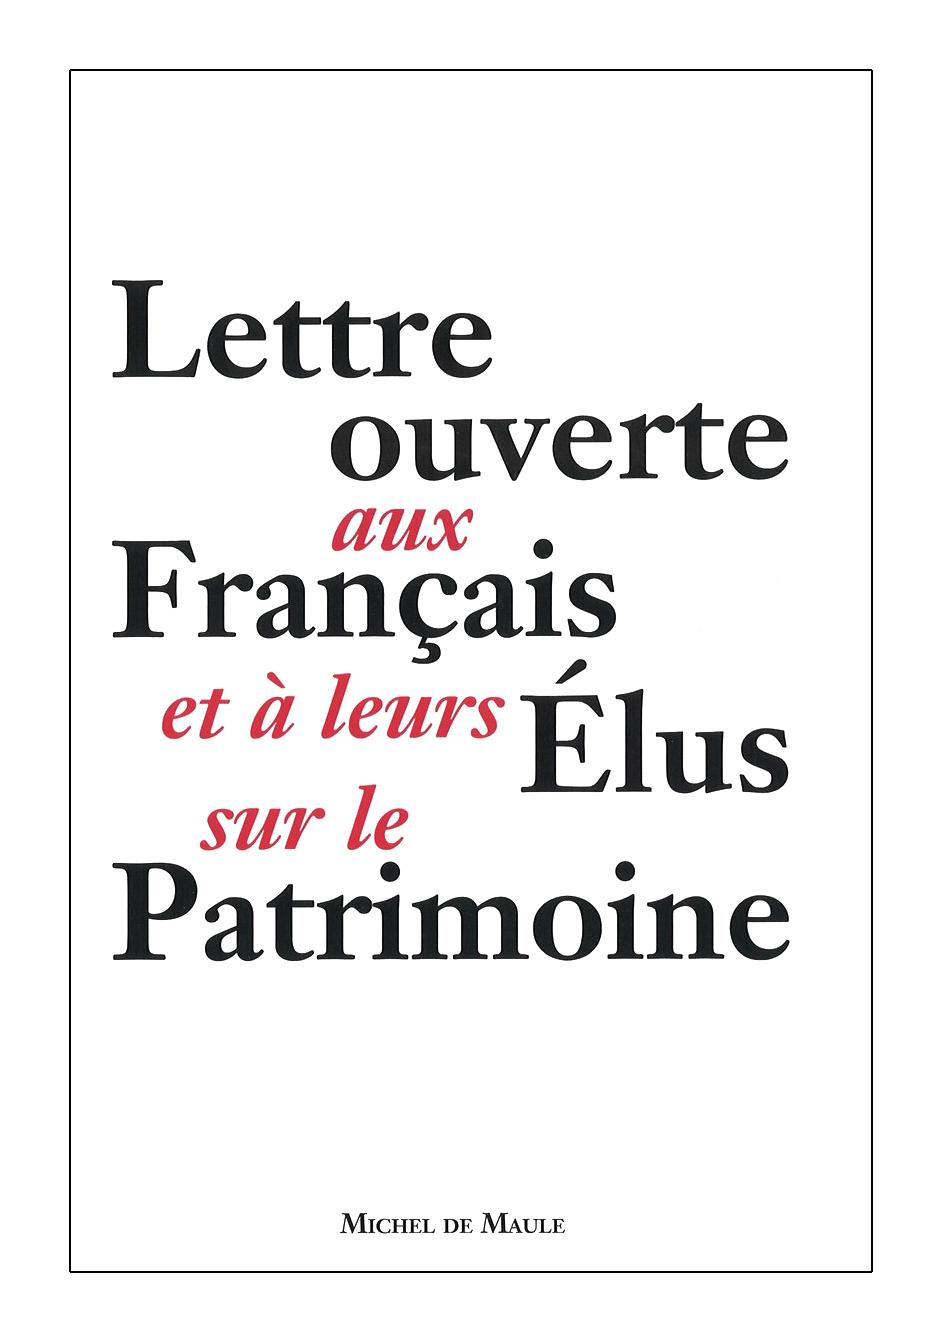 Lettre ouverte aux Français et à leurs élus sur le Patrimoine